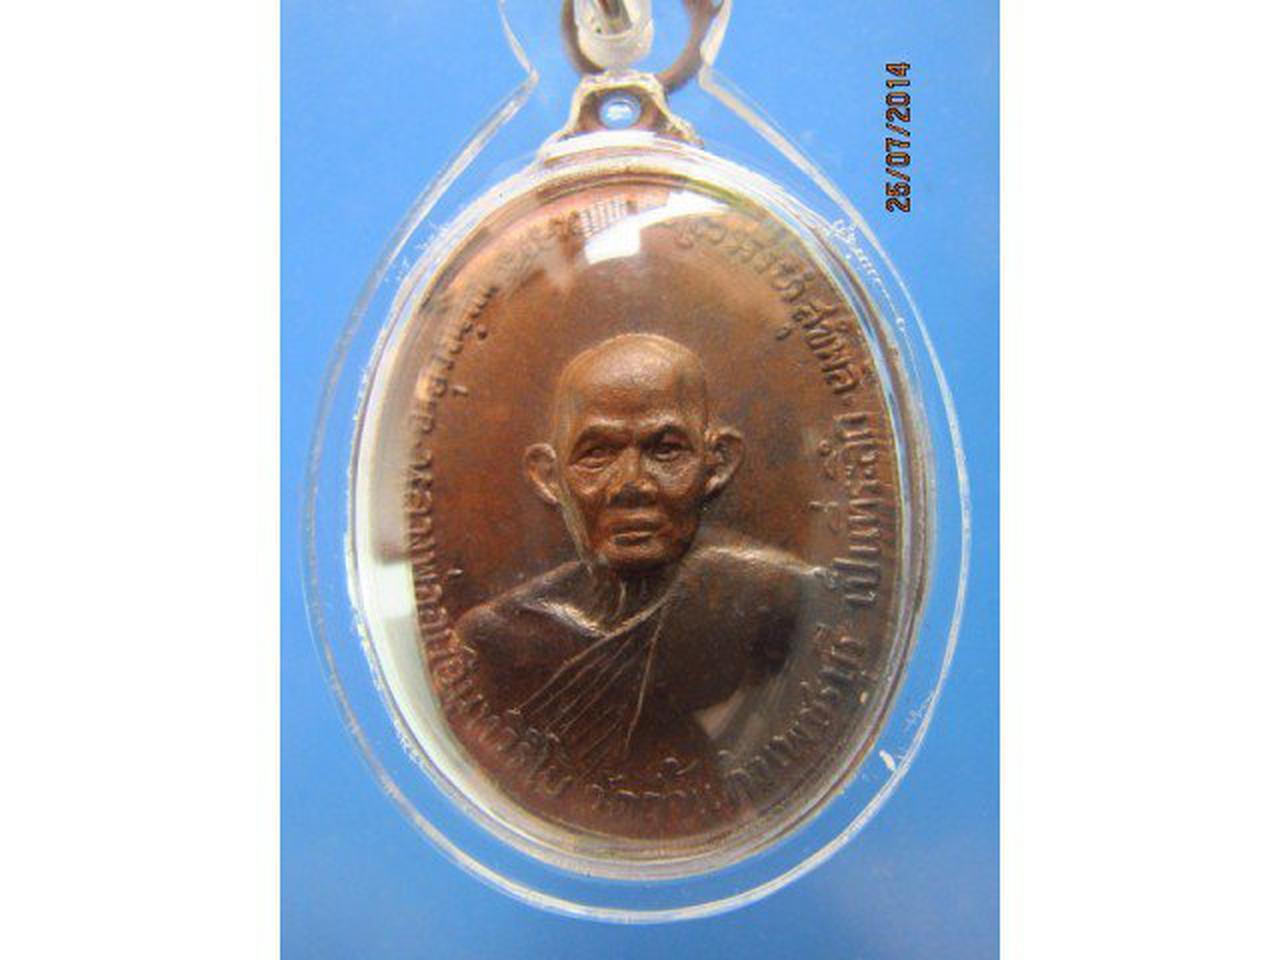 14 เหรียญรุ่นแรกหลวงพ่ออบ วัดถ้ำแก้ว ปี 2516 จ.เพชรบุรี เนื้อนวะโลหะ รูปที่ 2